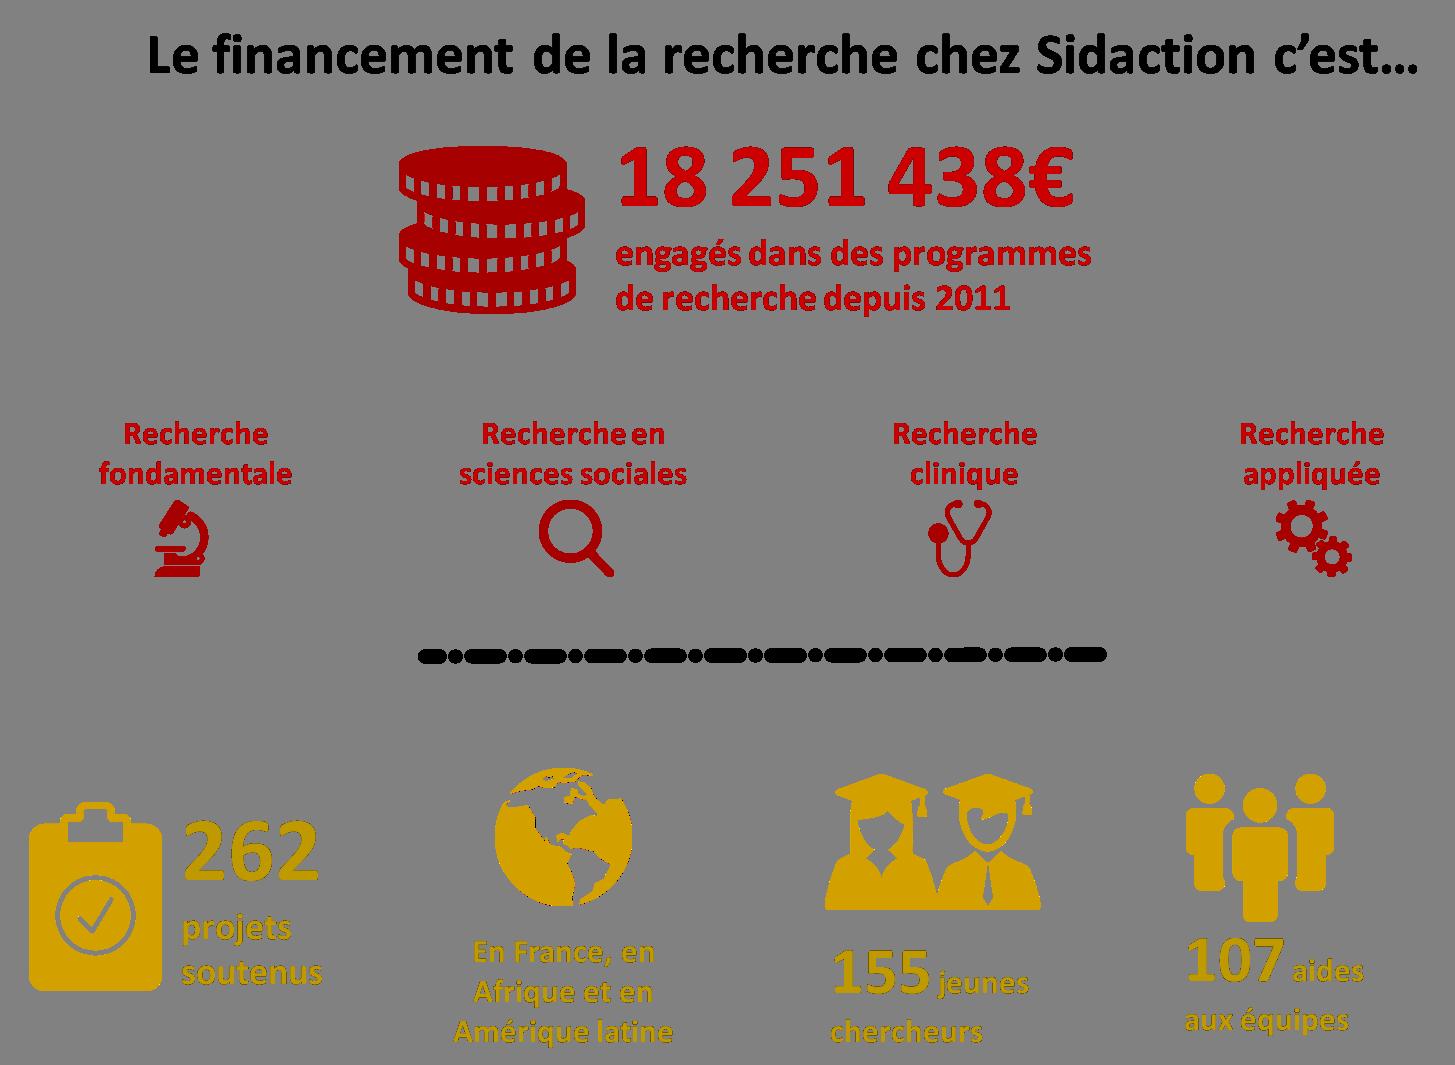 infographie financement de la recherche par Sidaction